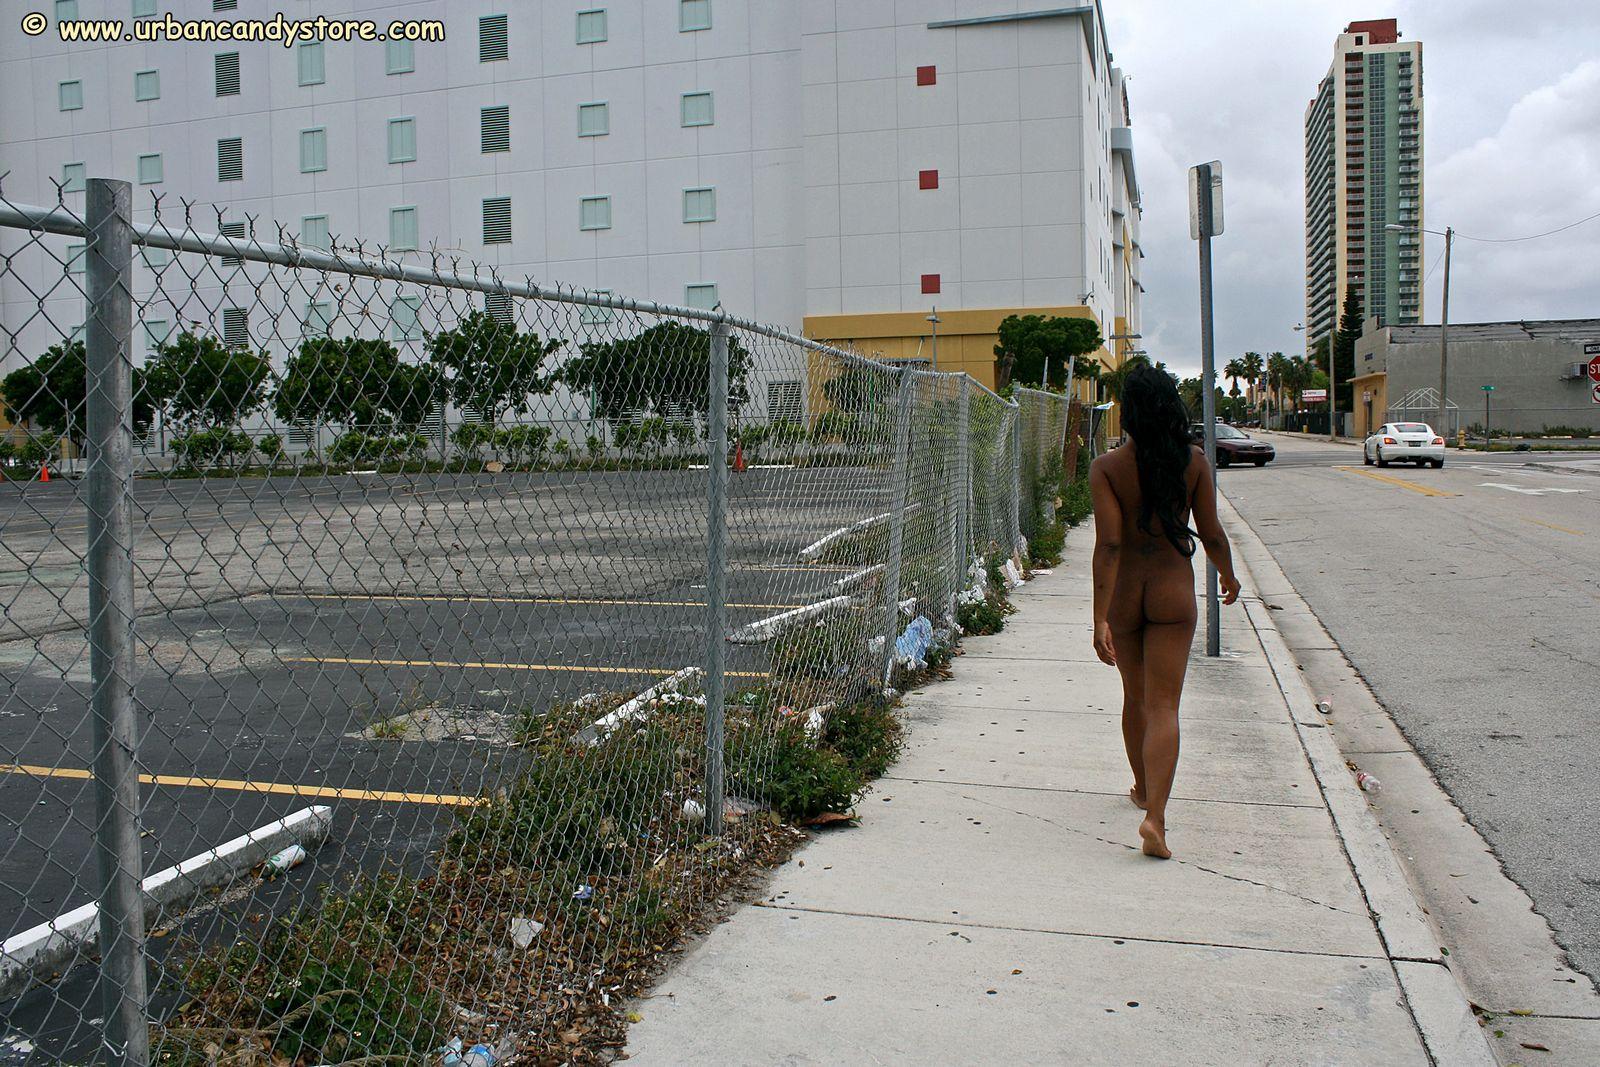 Негритяночка с хорошим туловищем ходит голая на автостоянке